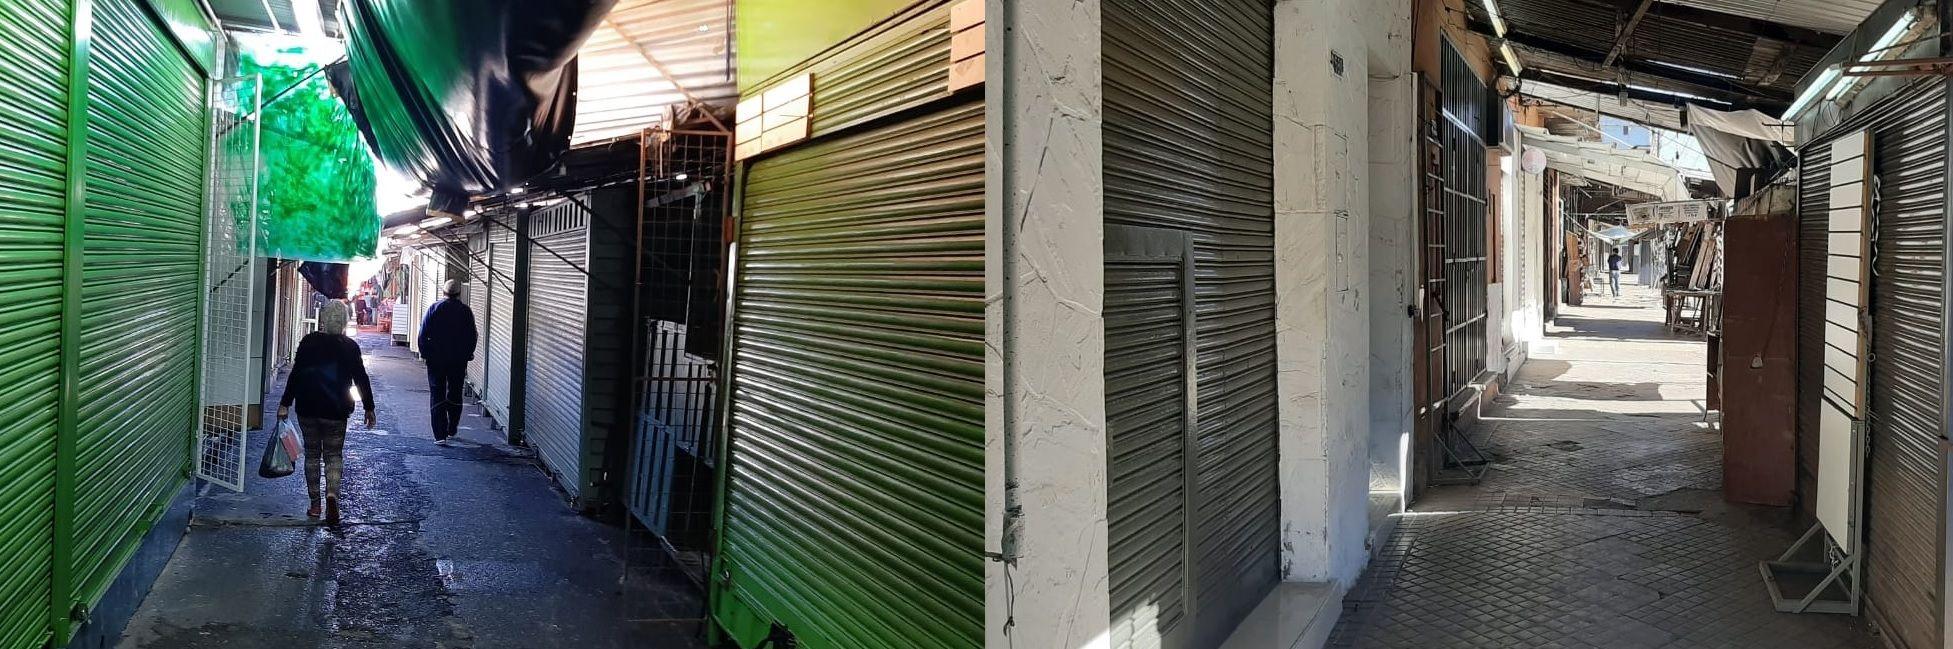 En medio de la crisis sanitaria y económica hoy se conmemora el Día del Trabajador. El Mercado 4 con varios locales cerrados.